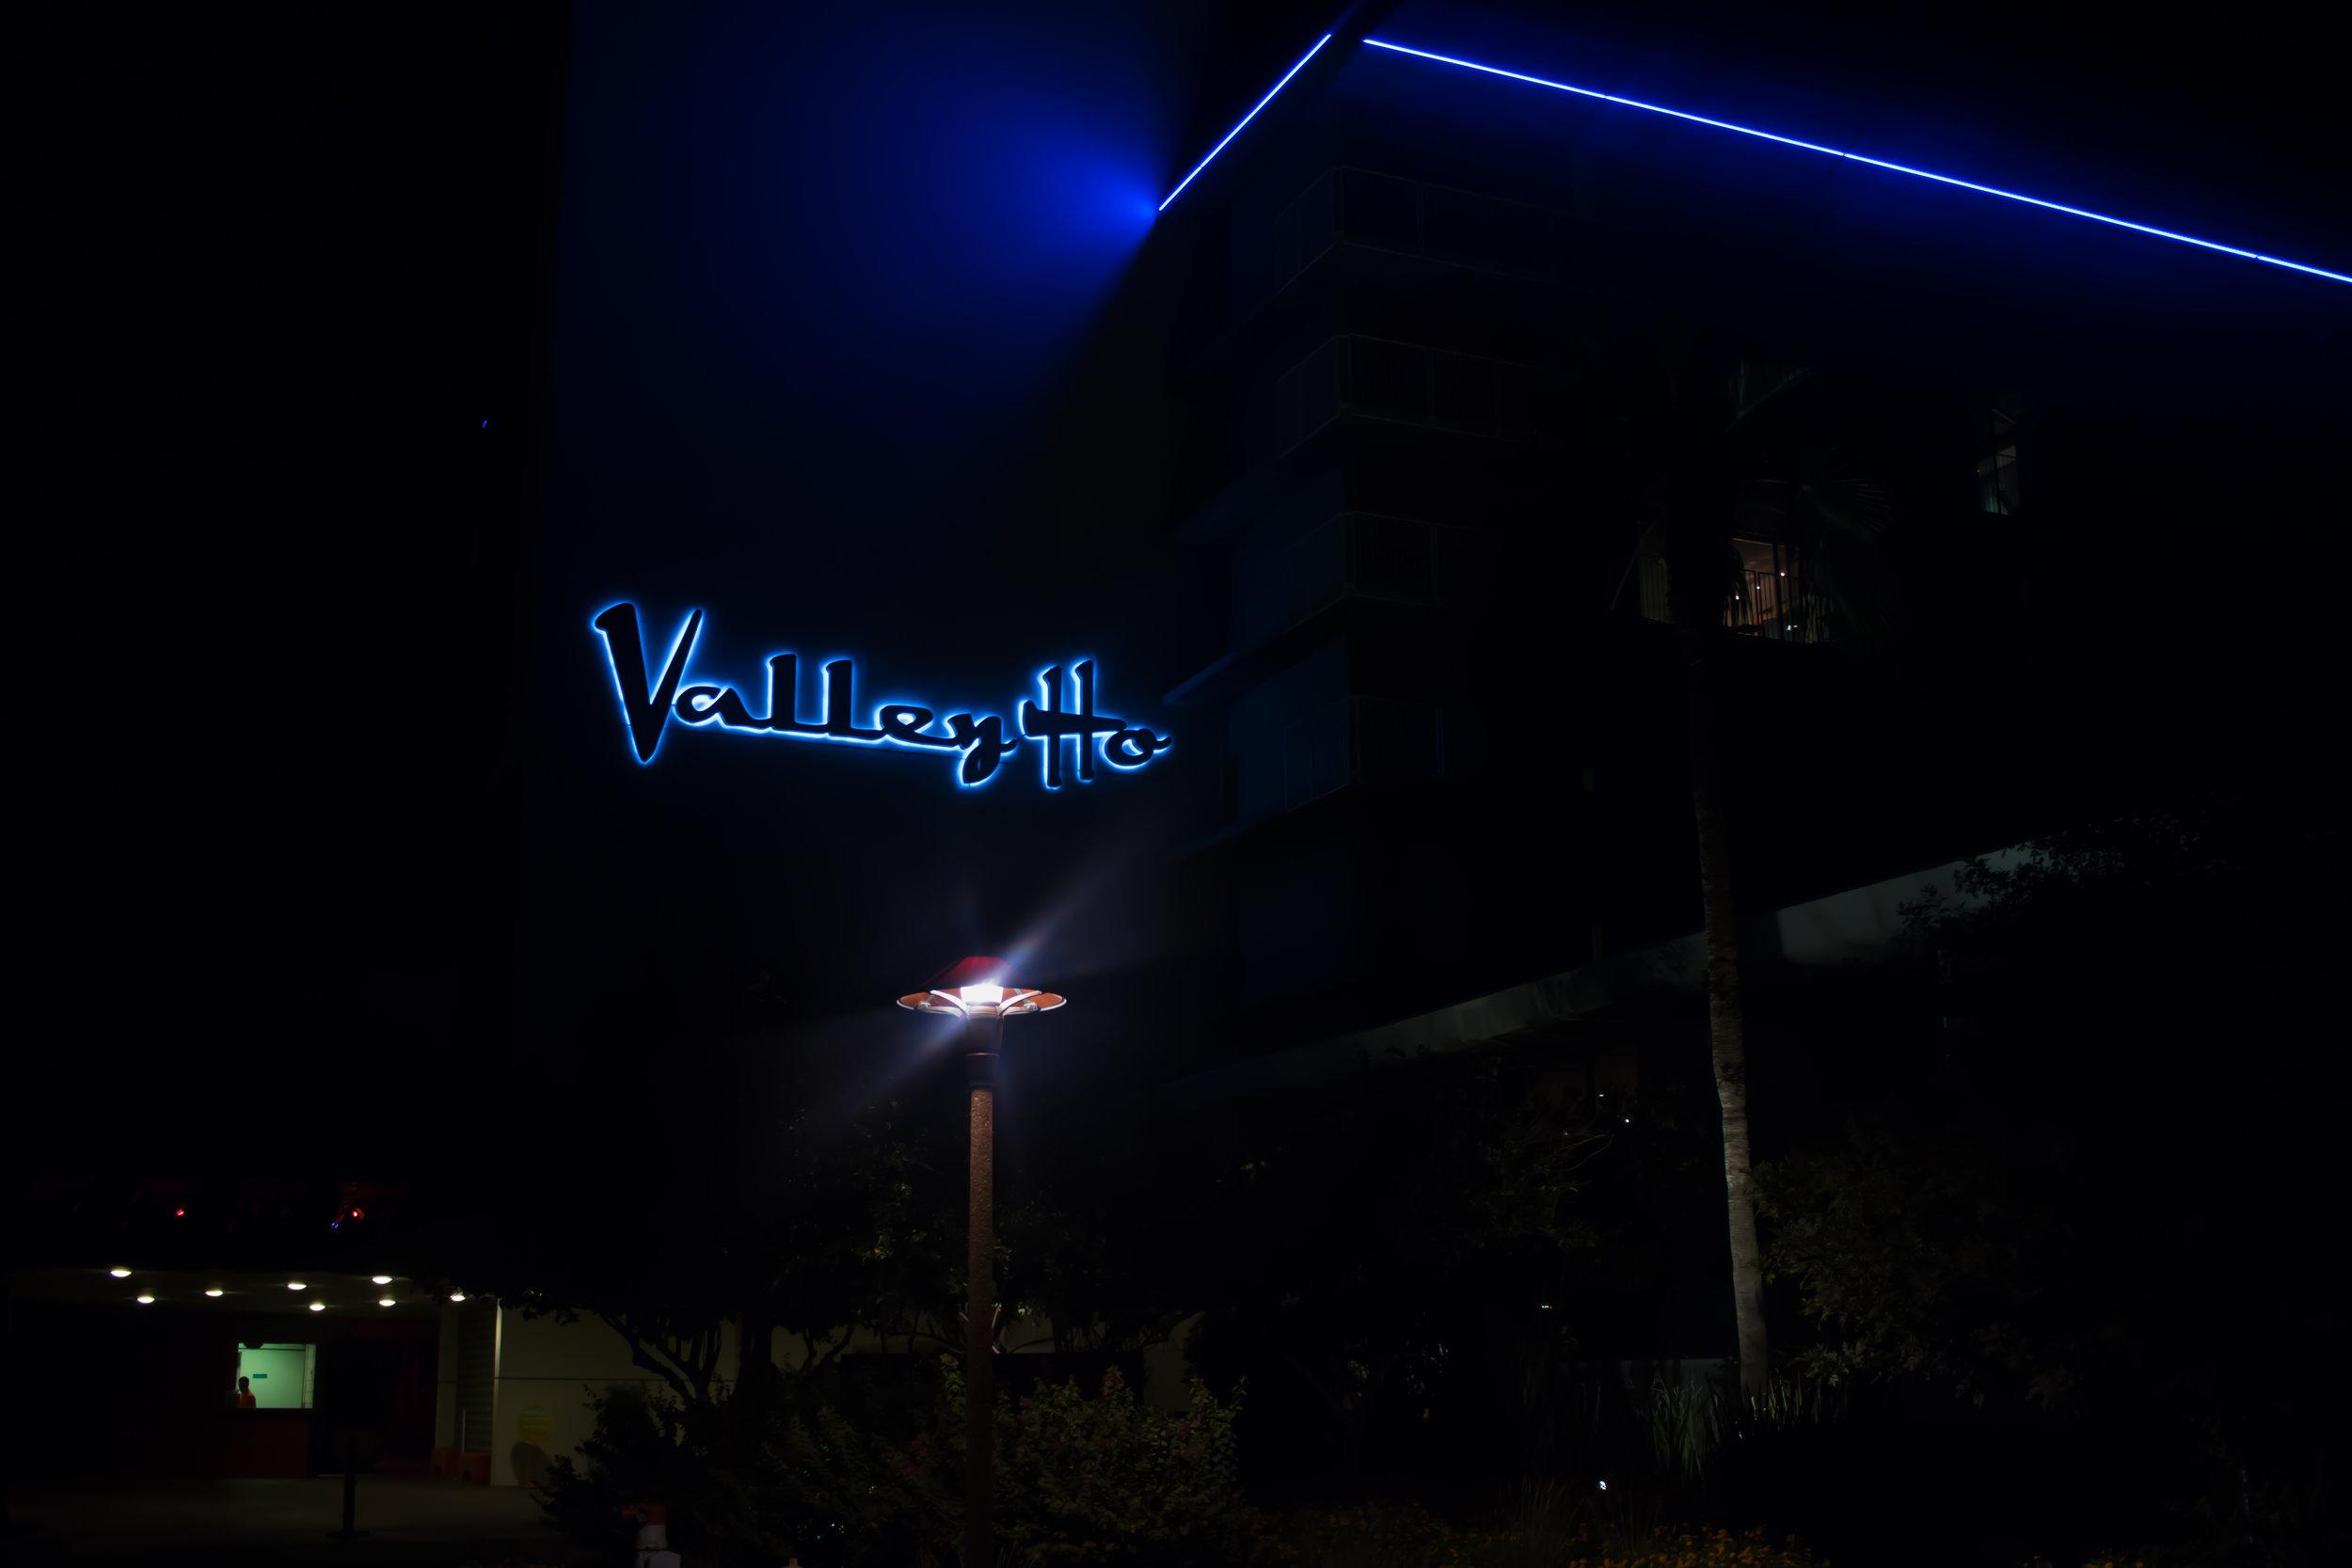 hotel-valley-ho-night-scottsdale-arizona